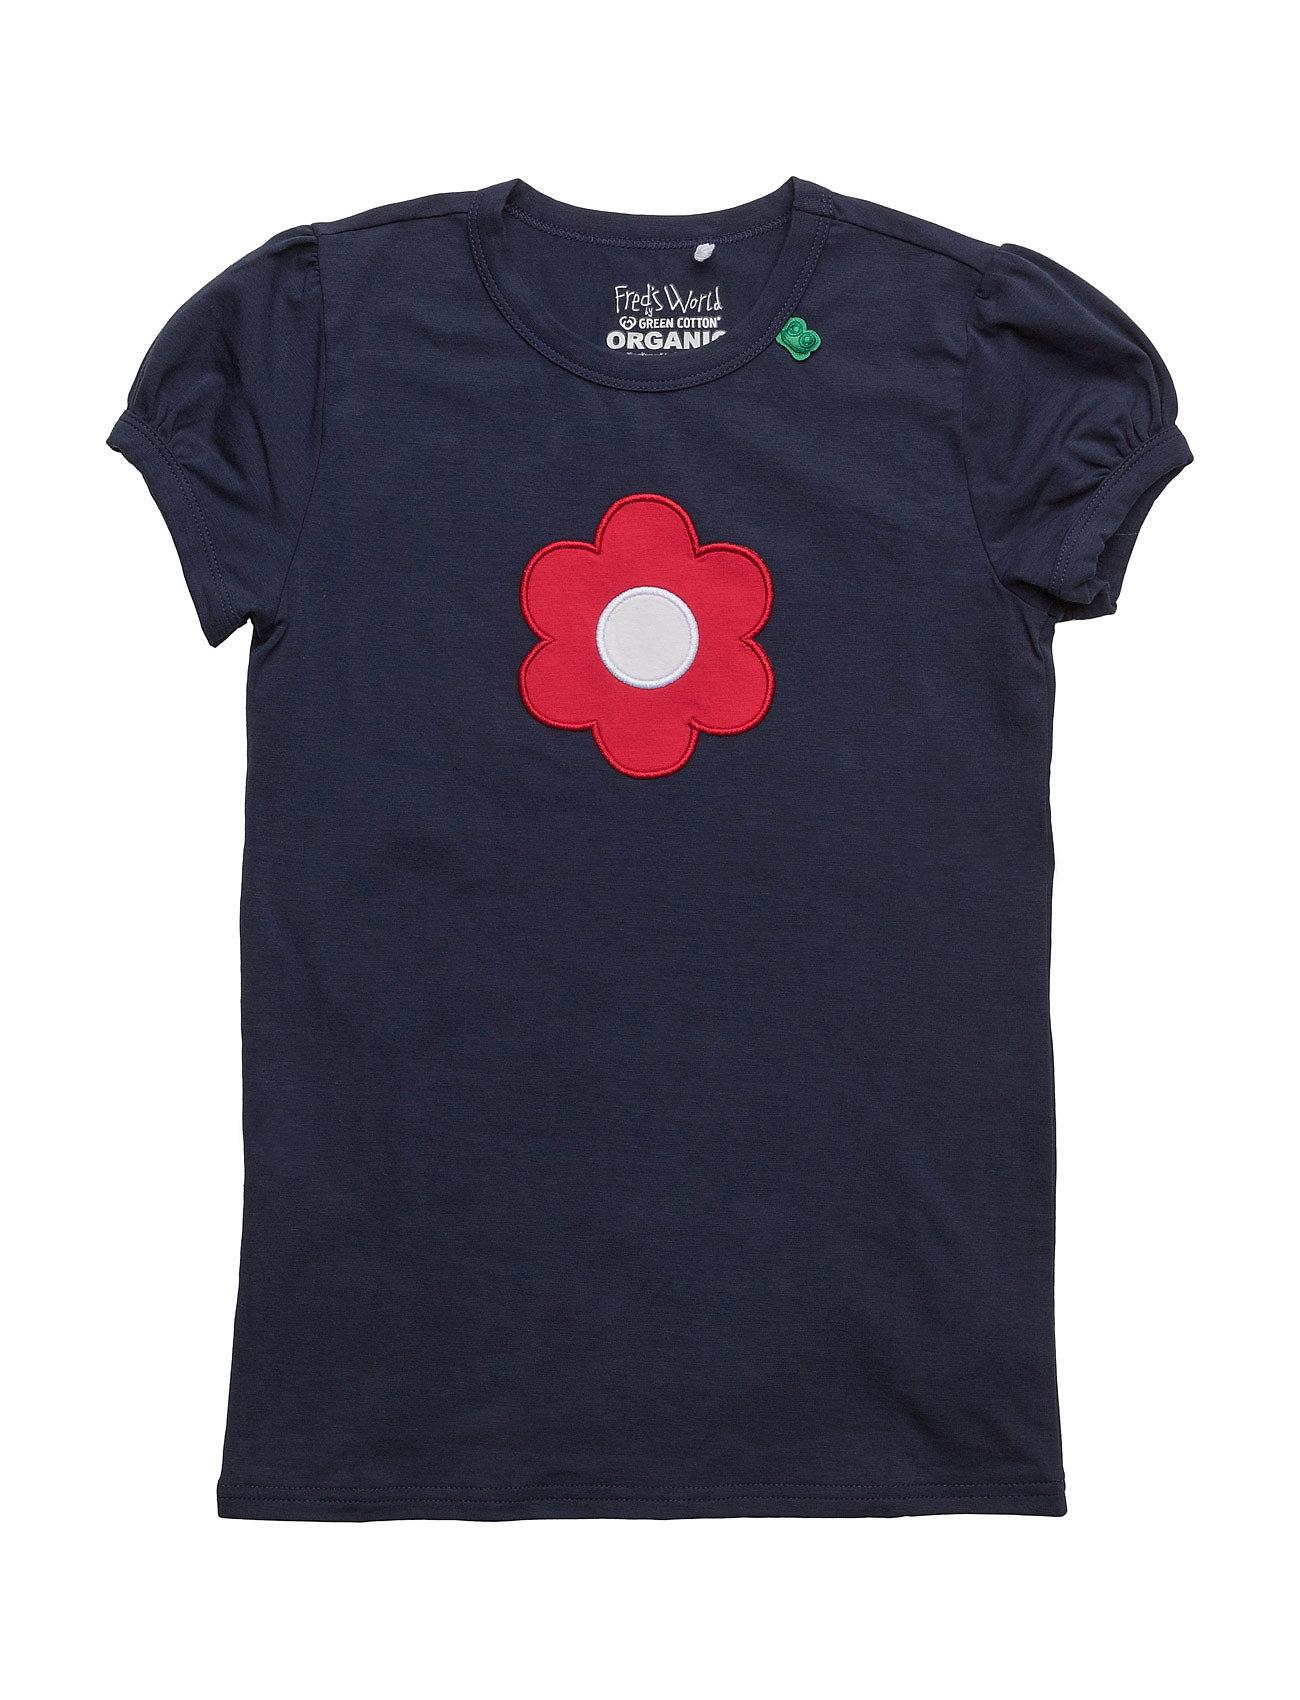 Flower Front T Freds World Kortærmede t-shirts til Børn i Navy blå